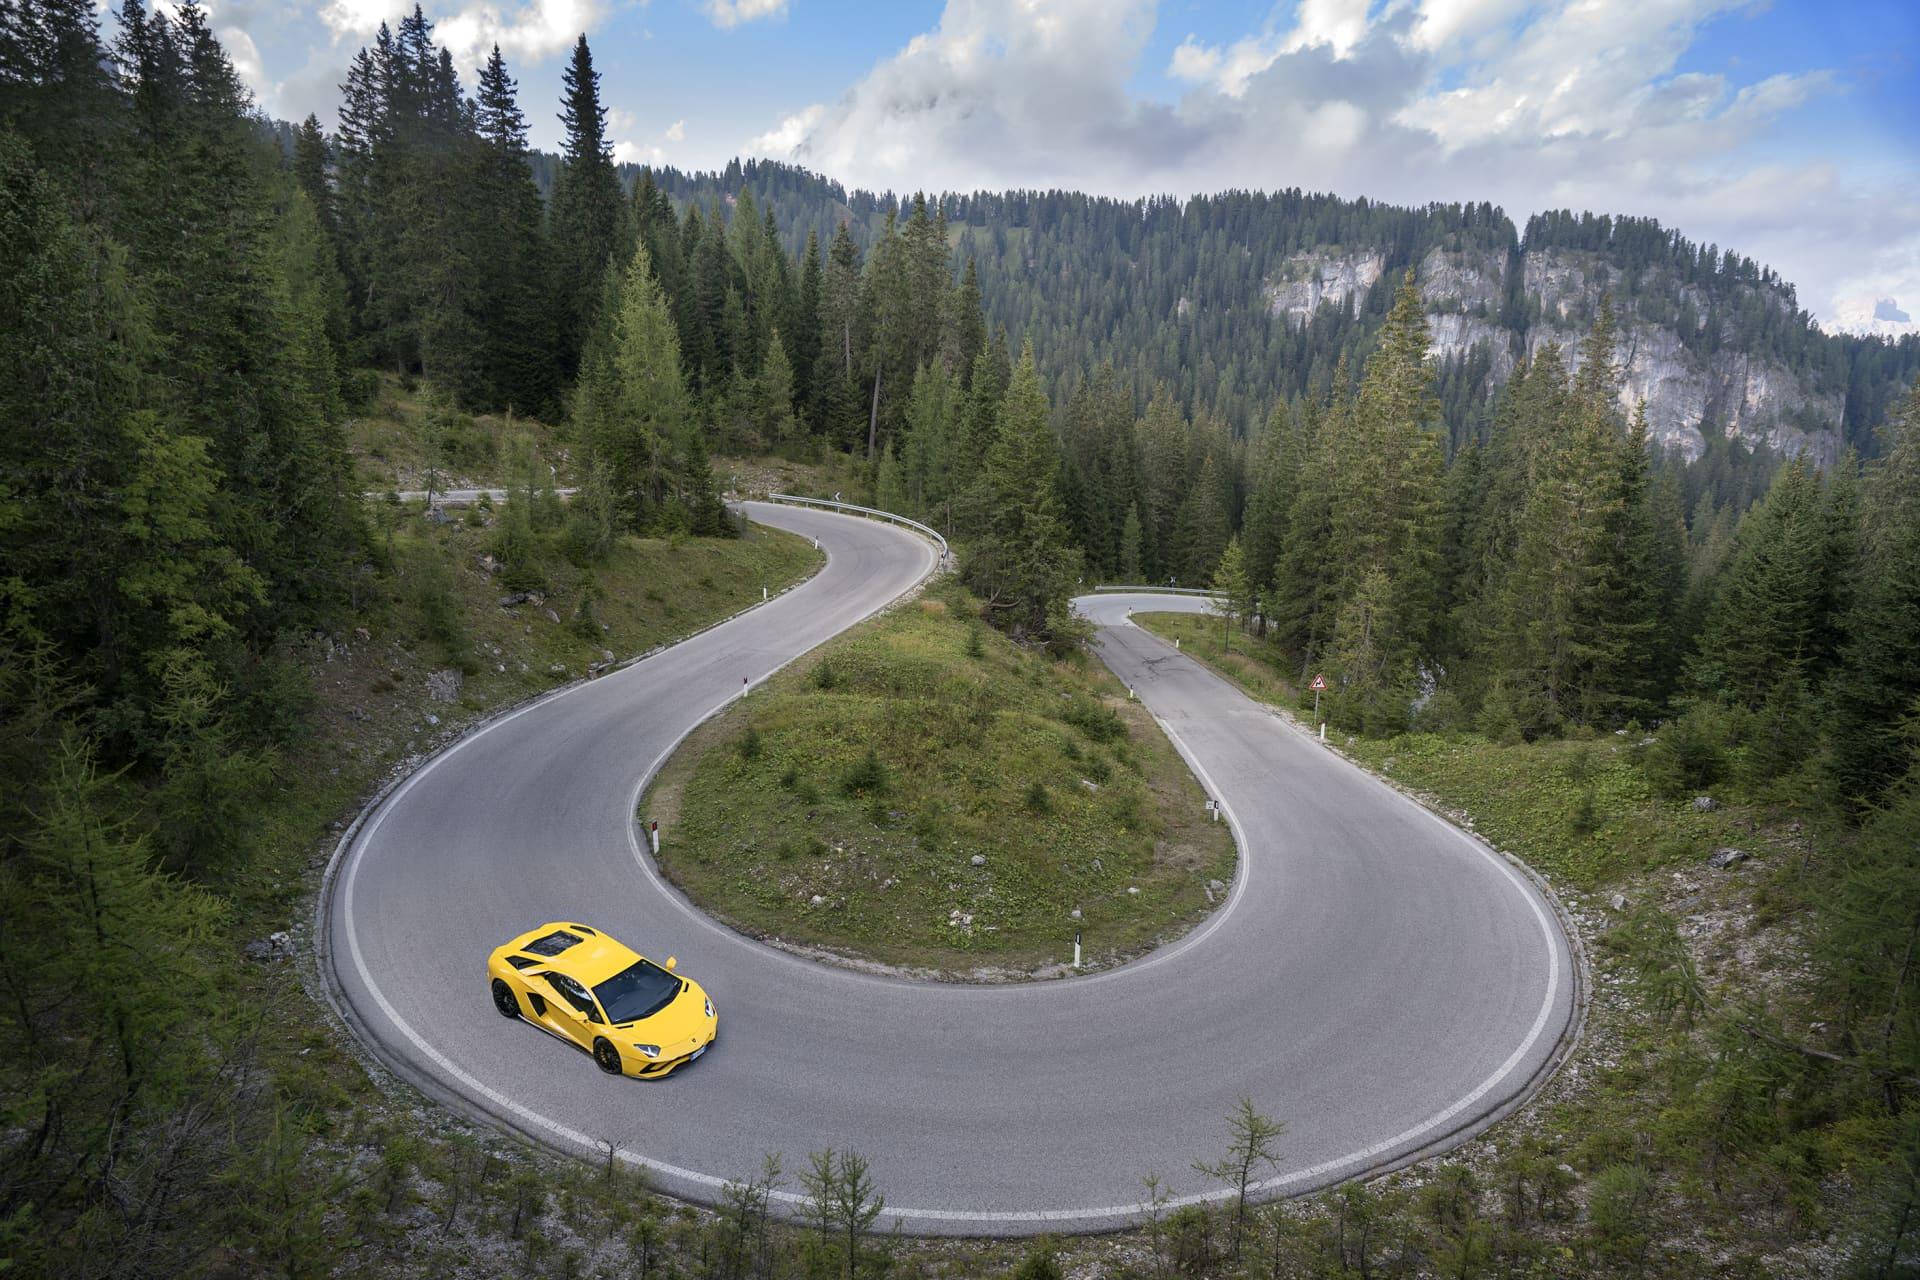 På dom slingrande vägarna ner mot Cortina d'Ampezzo får man stor användning för den nya fyrhjuldstyrningen. Aventador S svänger in otroligt fint och effektivt när hårnålarna är som tightast.